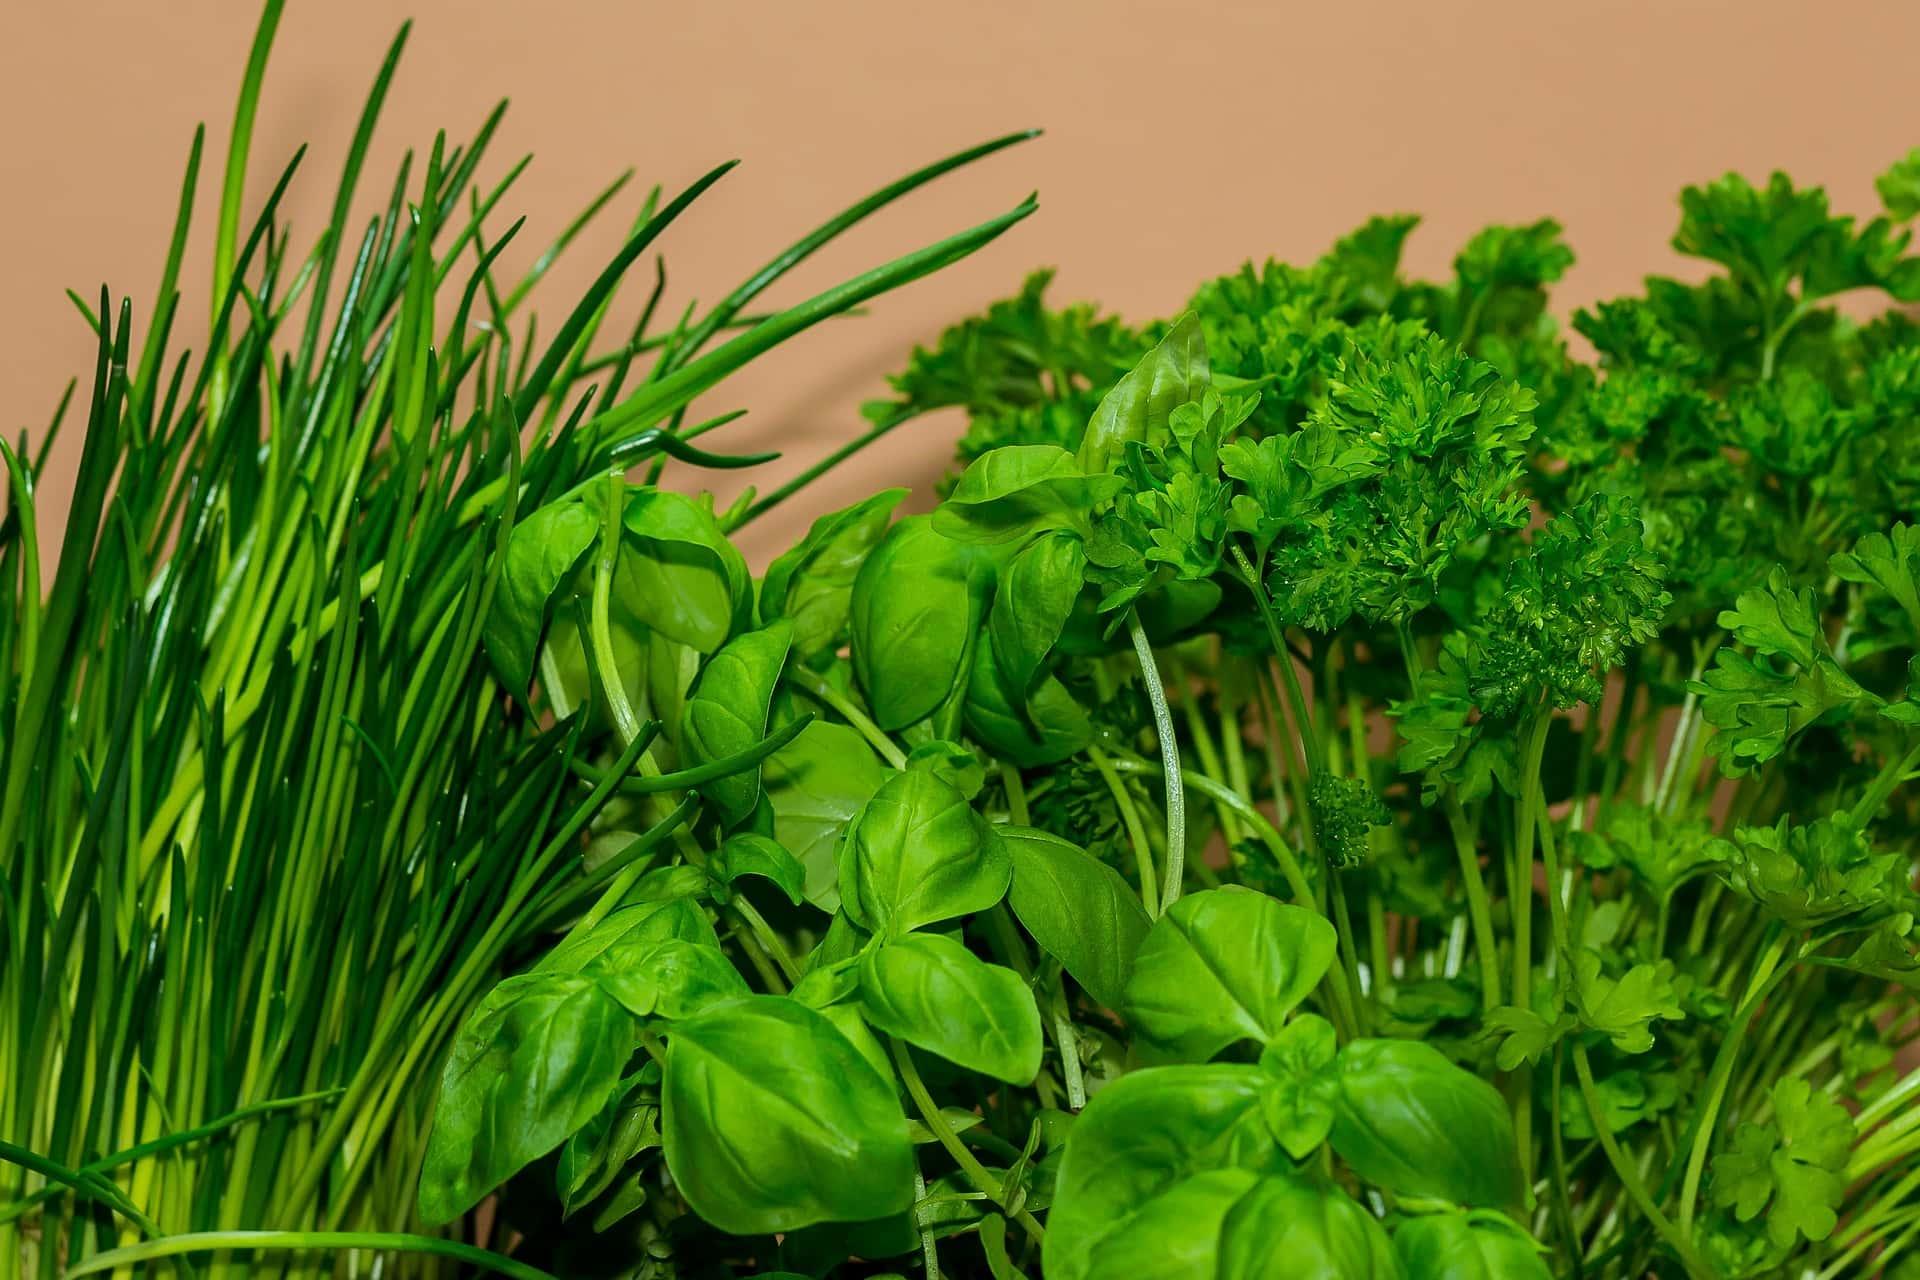 erbe aromatiche - Erbe aromatiche coltivazione: consigli pratici per non farle appassire